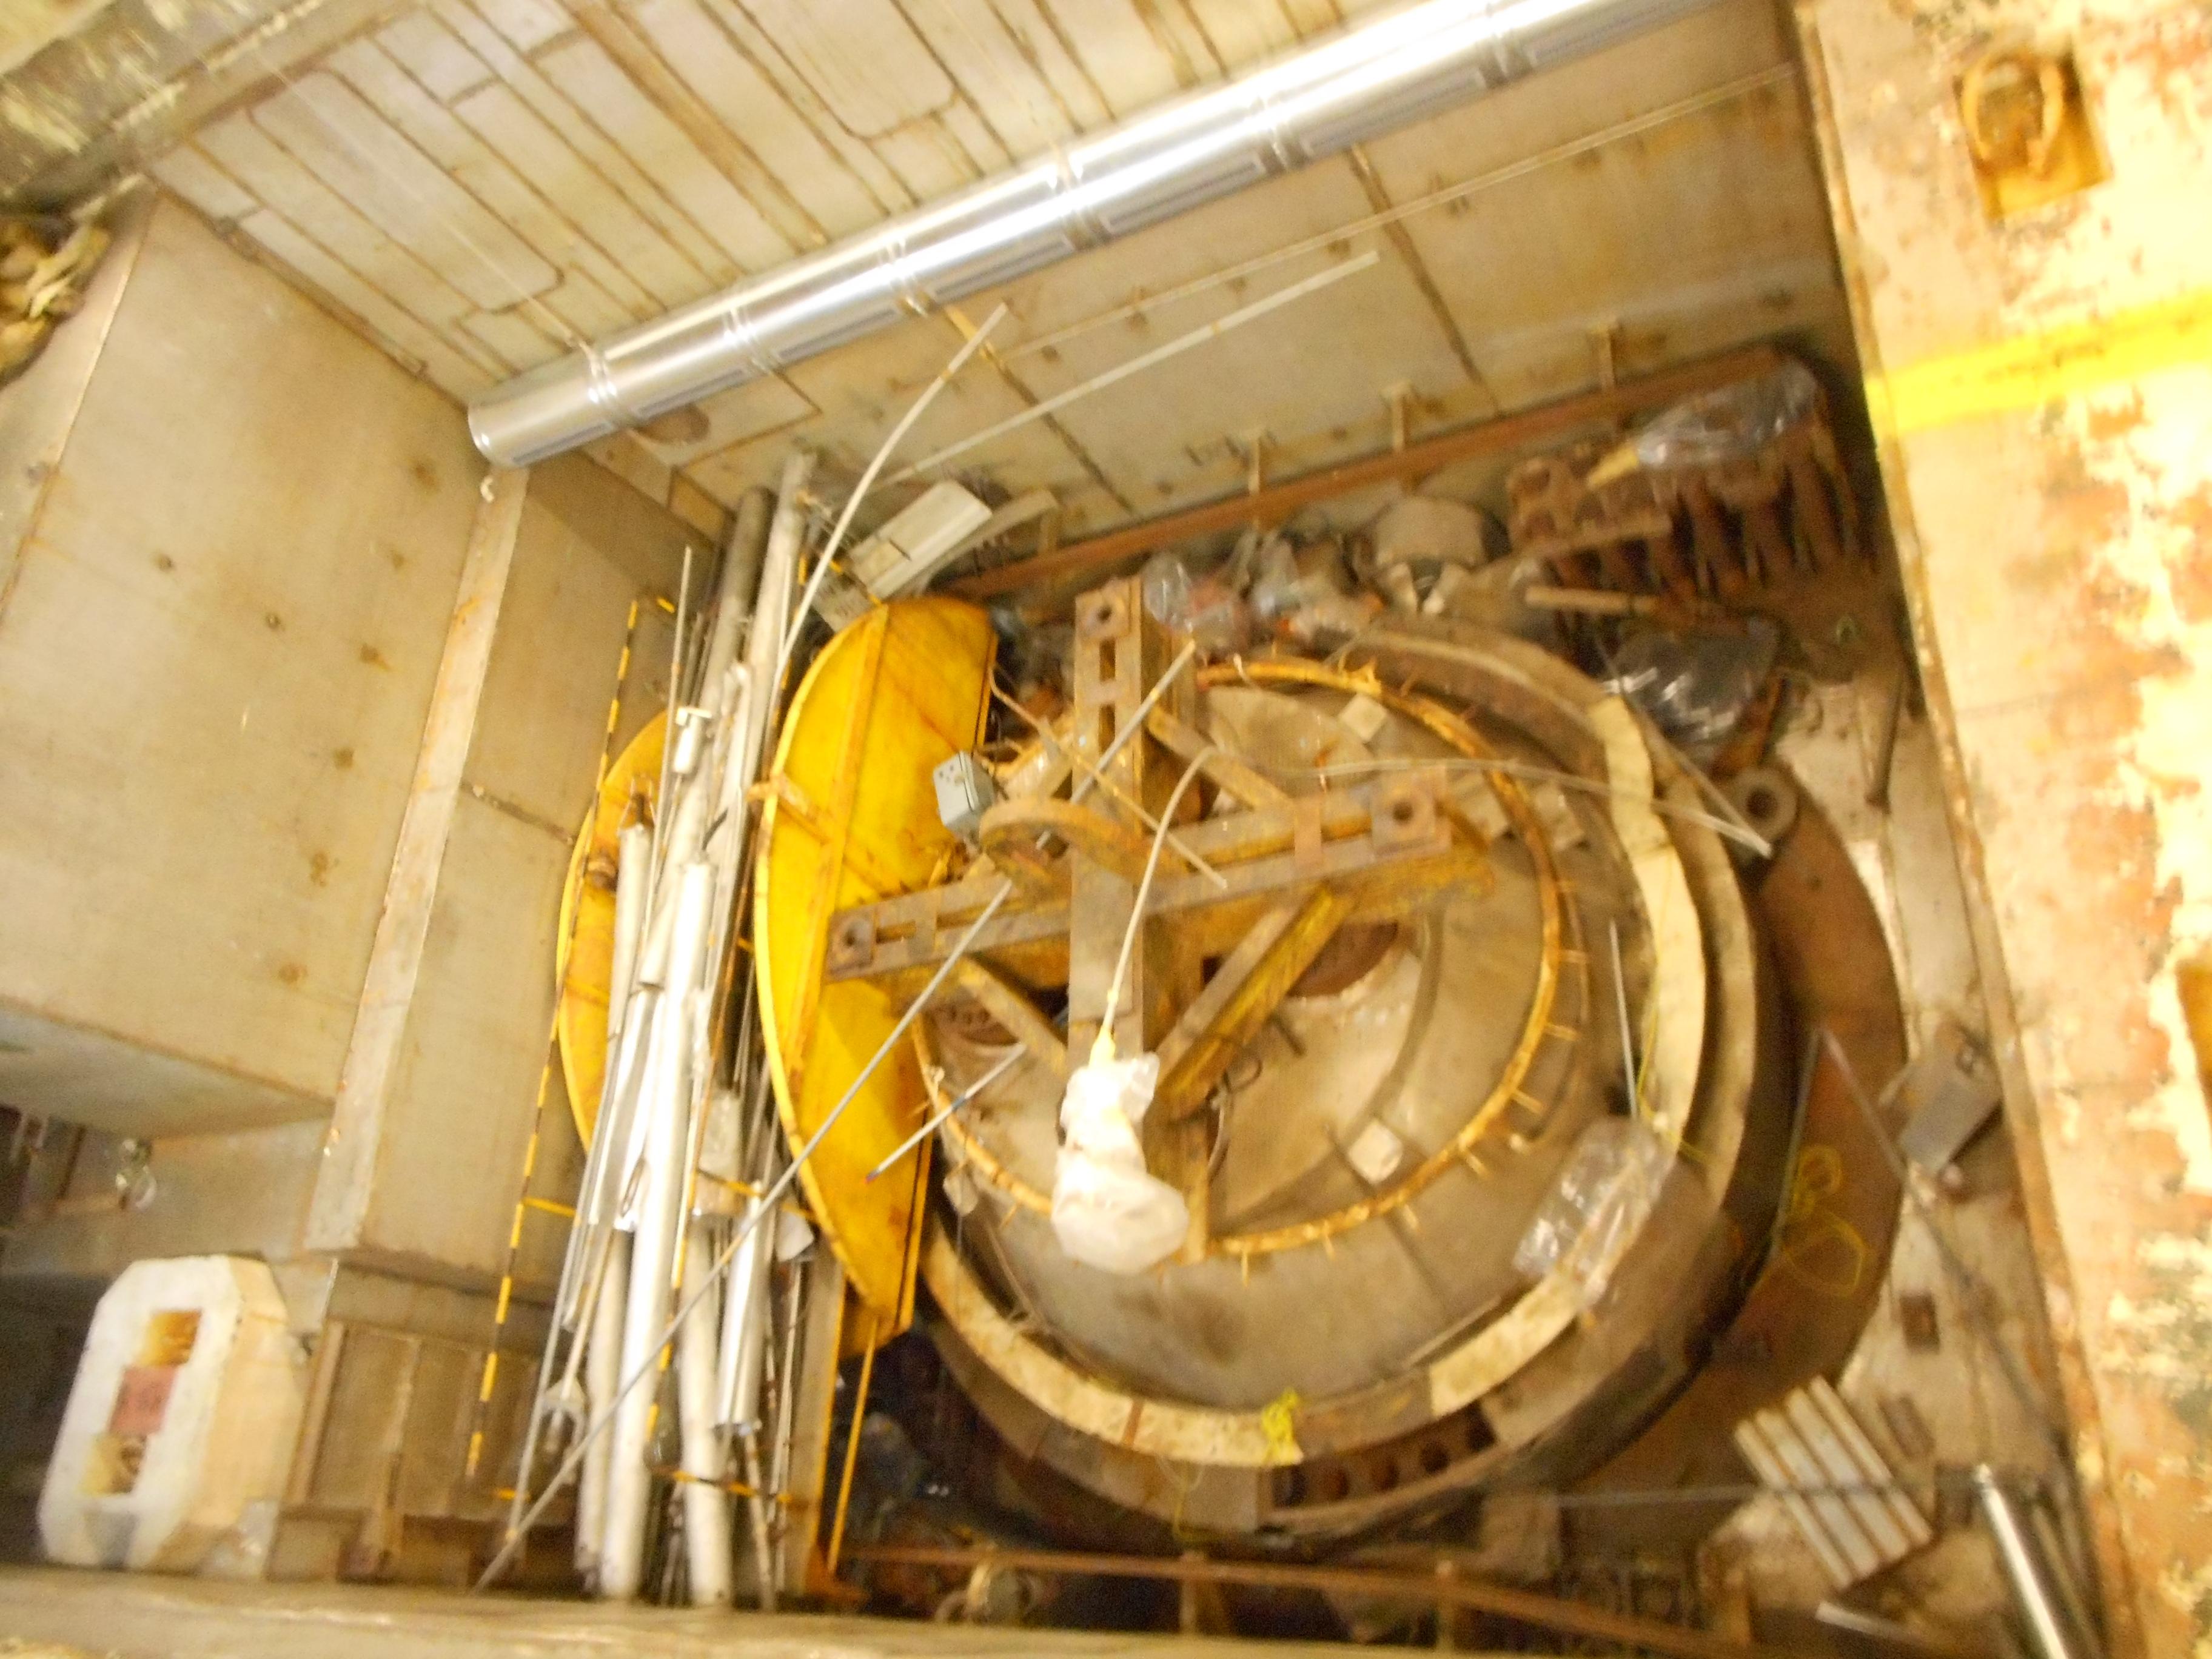 /SiteAssets/uploads/images/garigliano_smantellamento_reattore/Il locale dove è alloggiato il vessel del Garigliano prima della rimozione di materiali e attrezzature.JPG